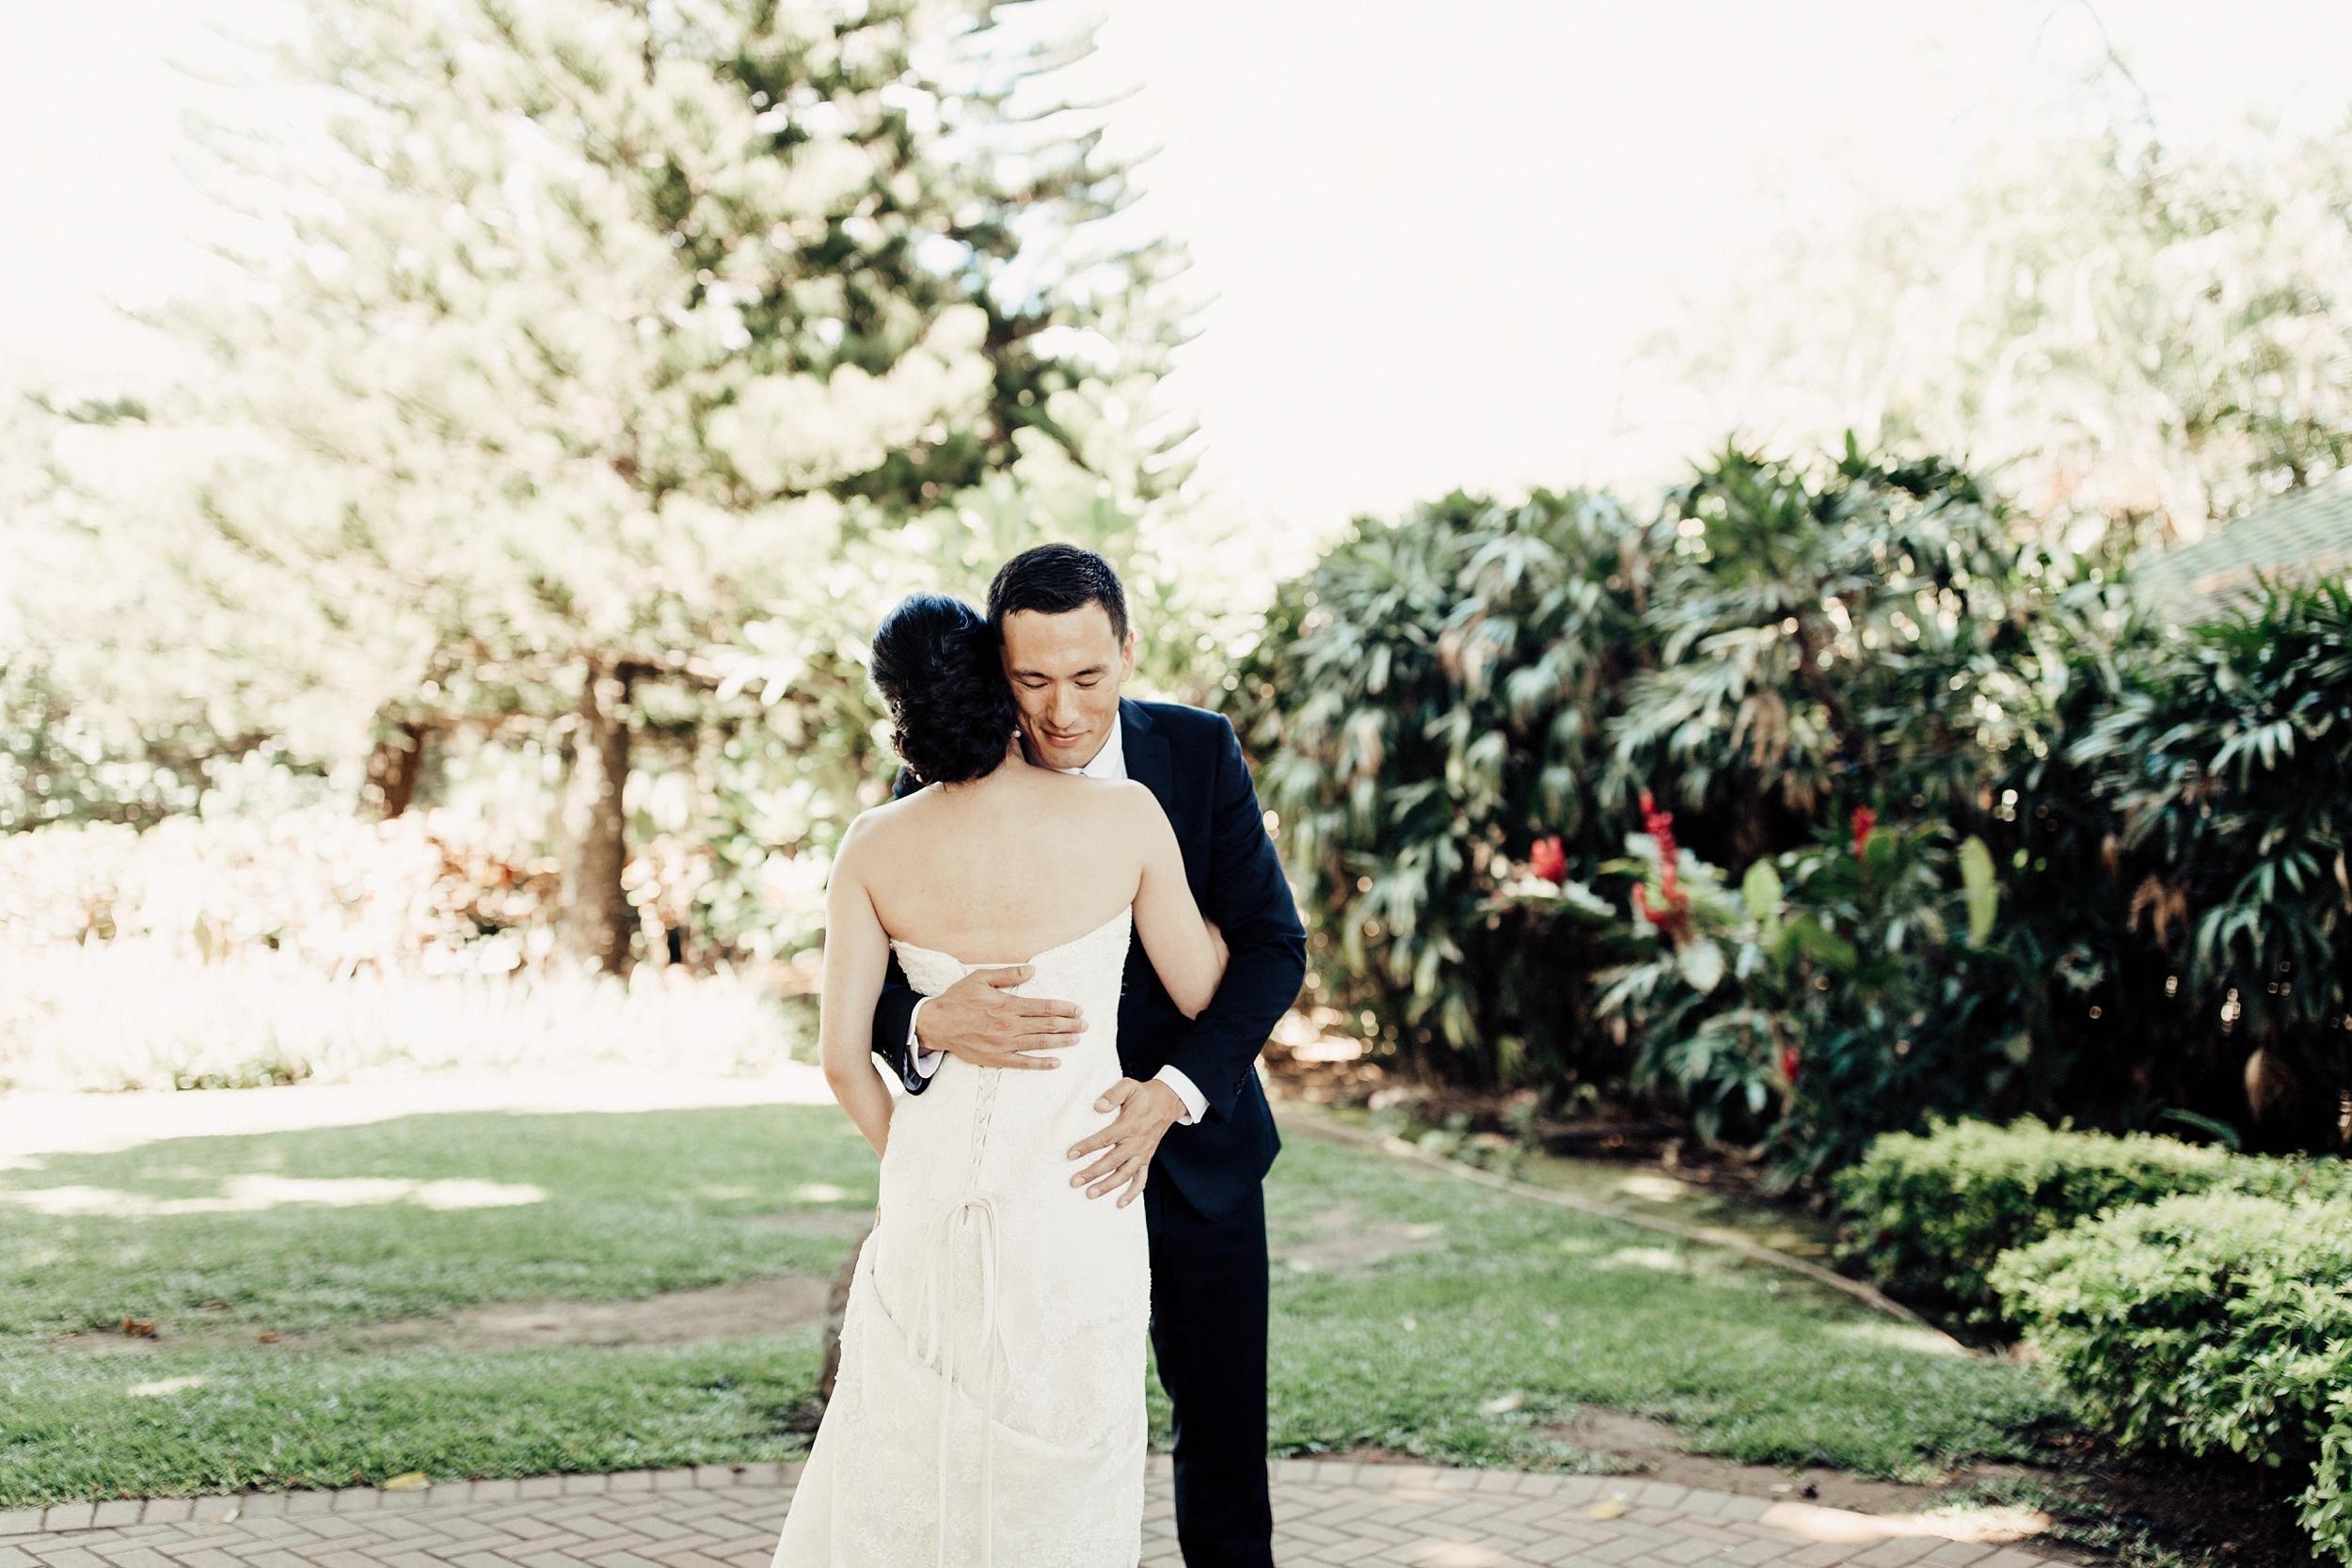 hawaii-wedding-photographer_0046.jpg